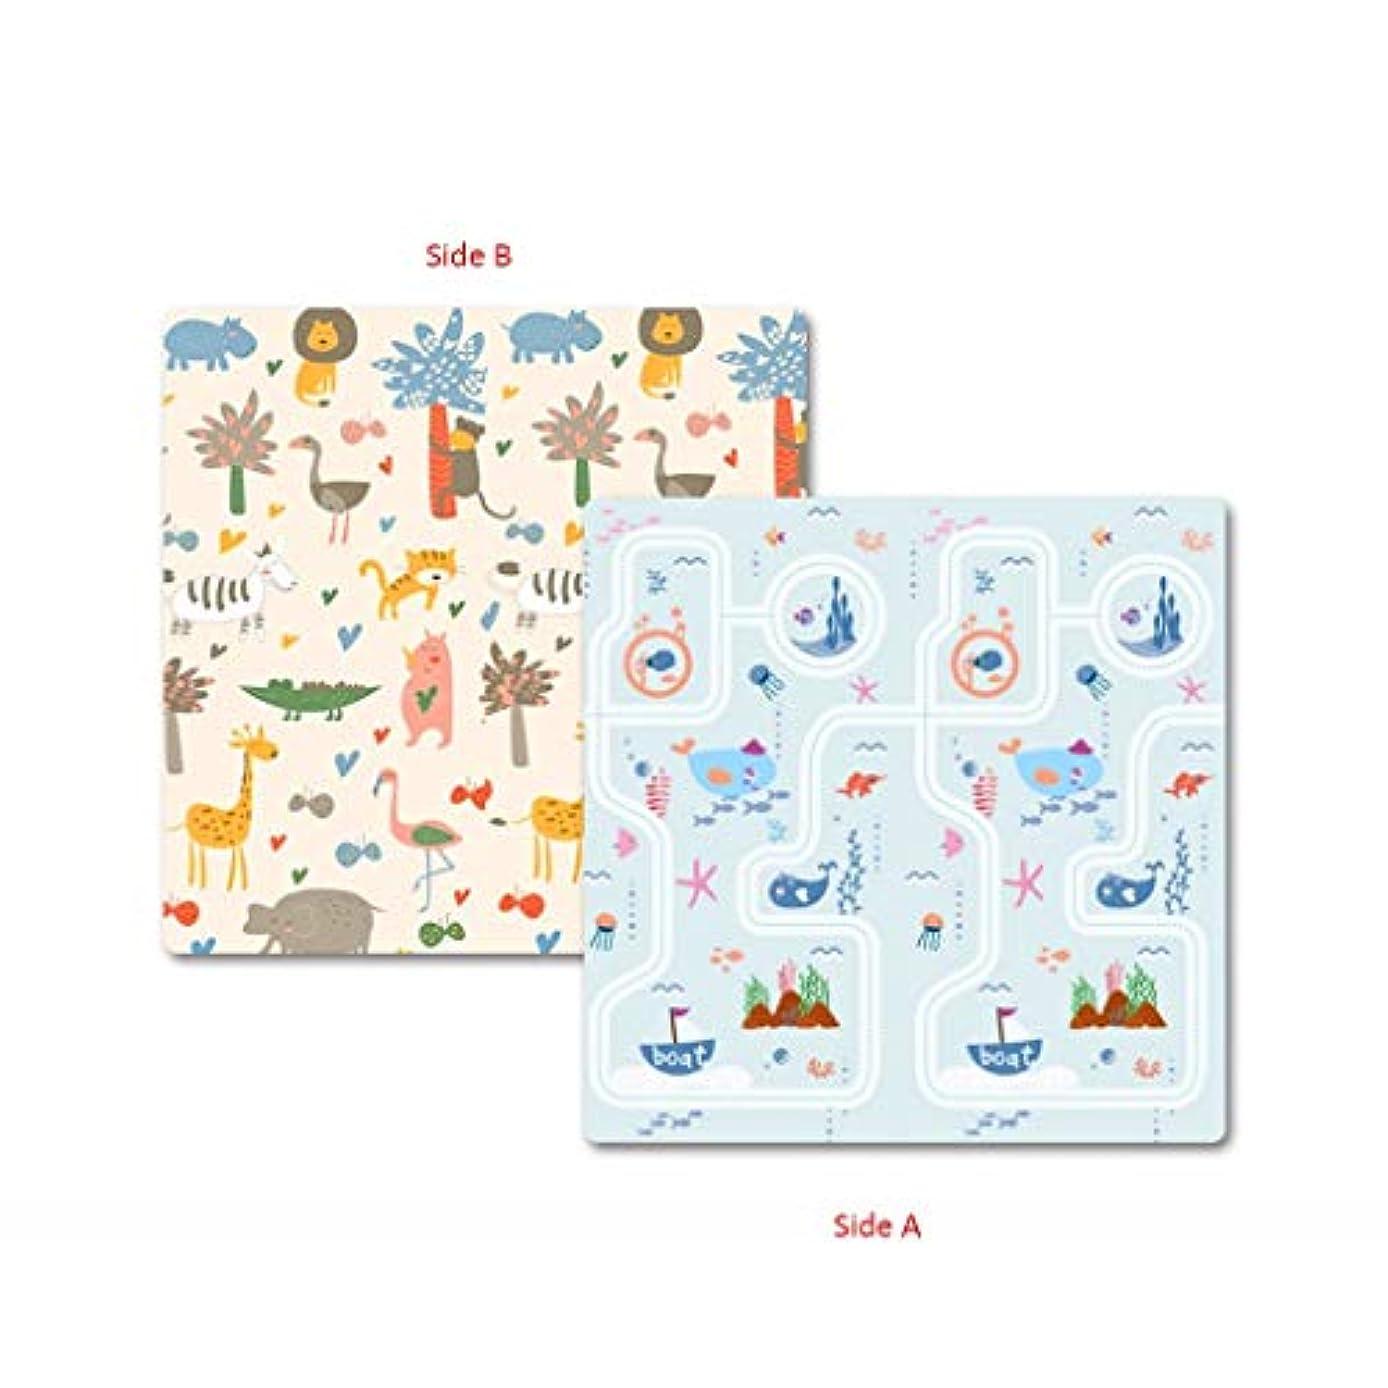 作業レンダー局赤ちゃんプレイマット、厚い赤ちゃんクロールマット両面防水無毒シルクepeアンチスキッド子供プレイマットカーペット用赤ちゃん幼児子供 DITAN (Color : B, Size : 150x180x2cm)